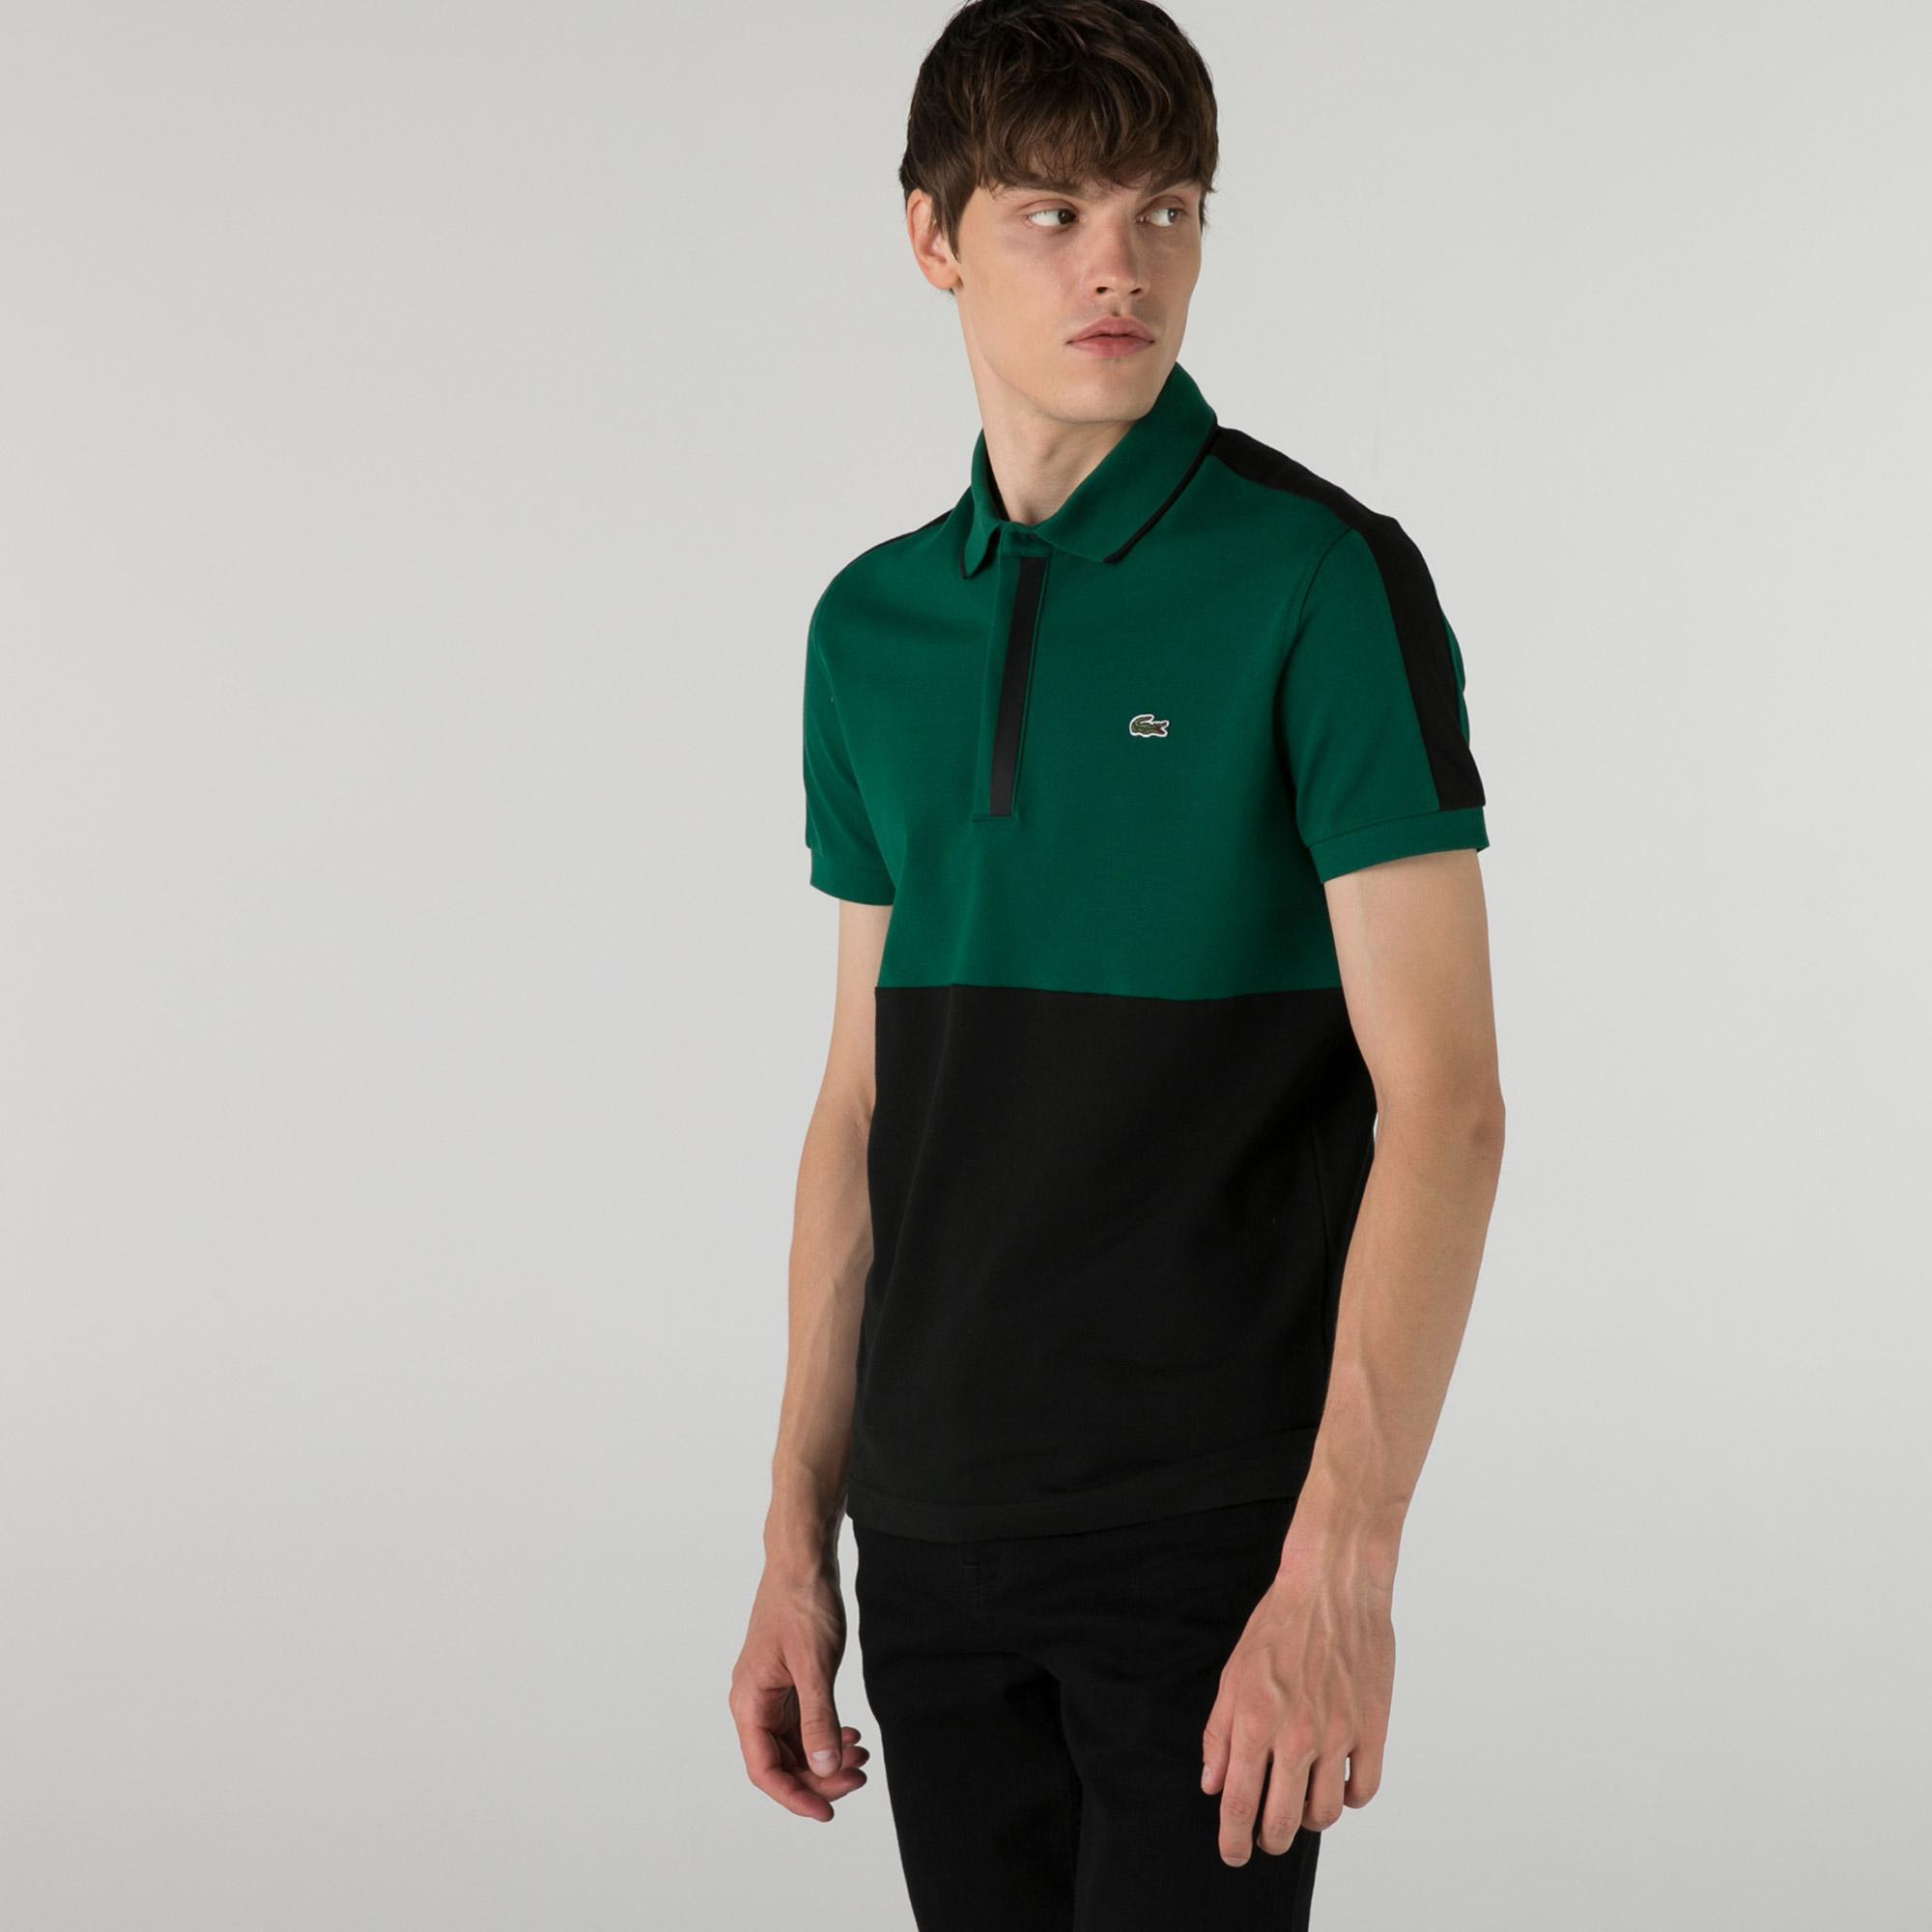 Lacoste Erkek Regular Fit Renk Bloklu Yeşil Polo